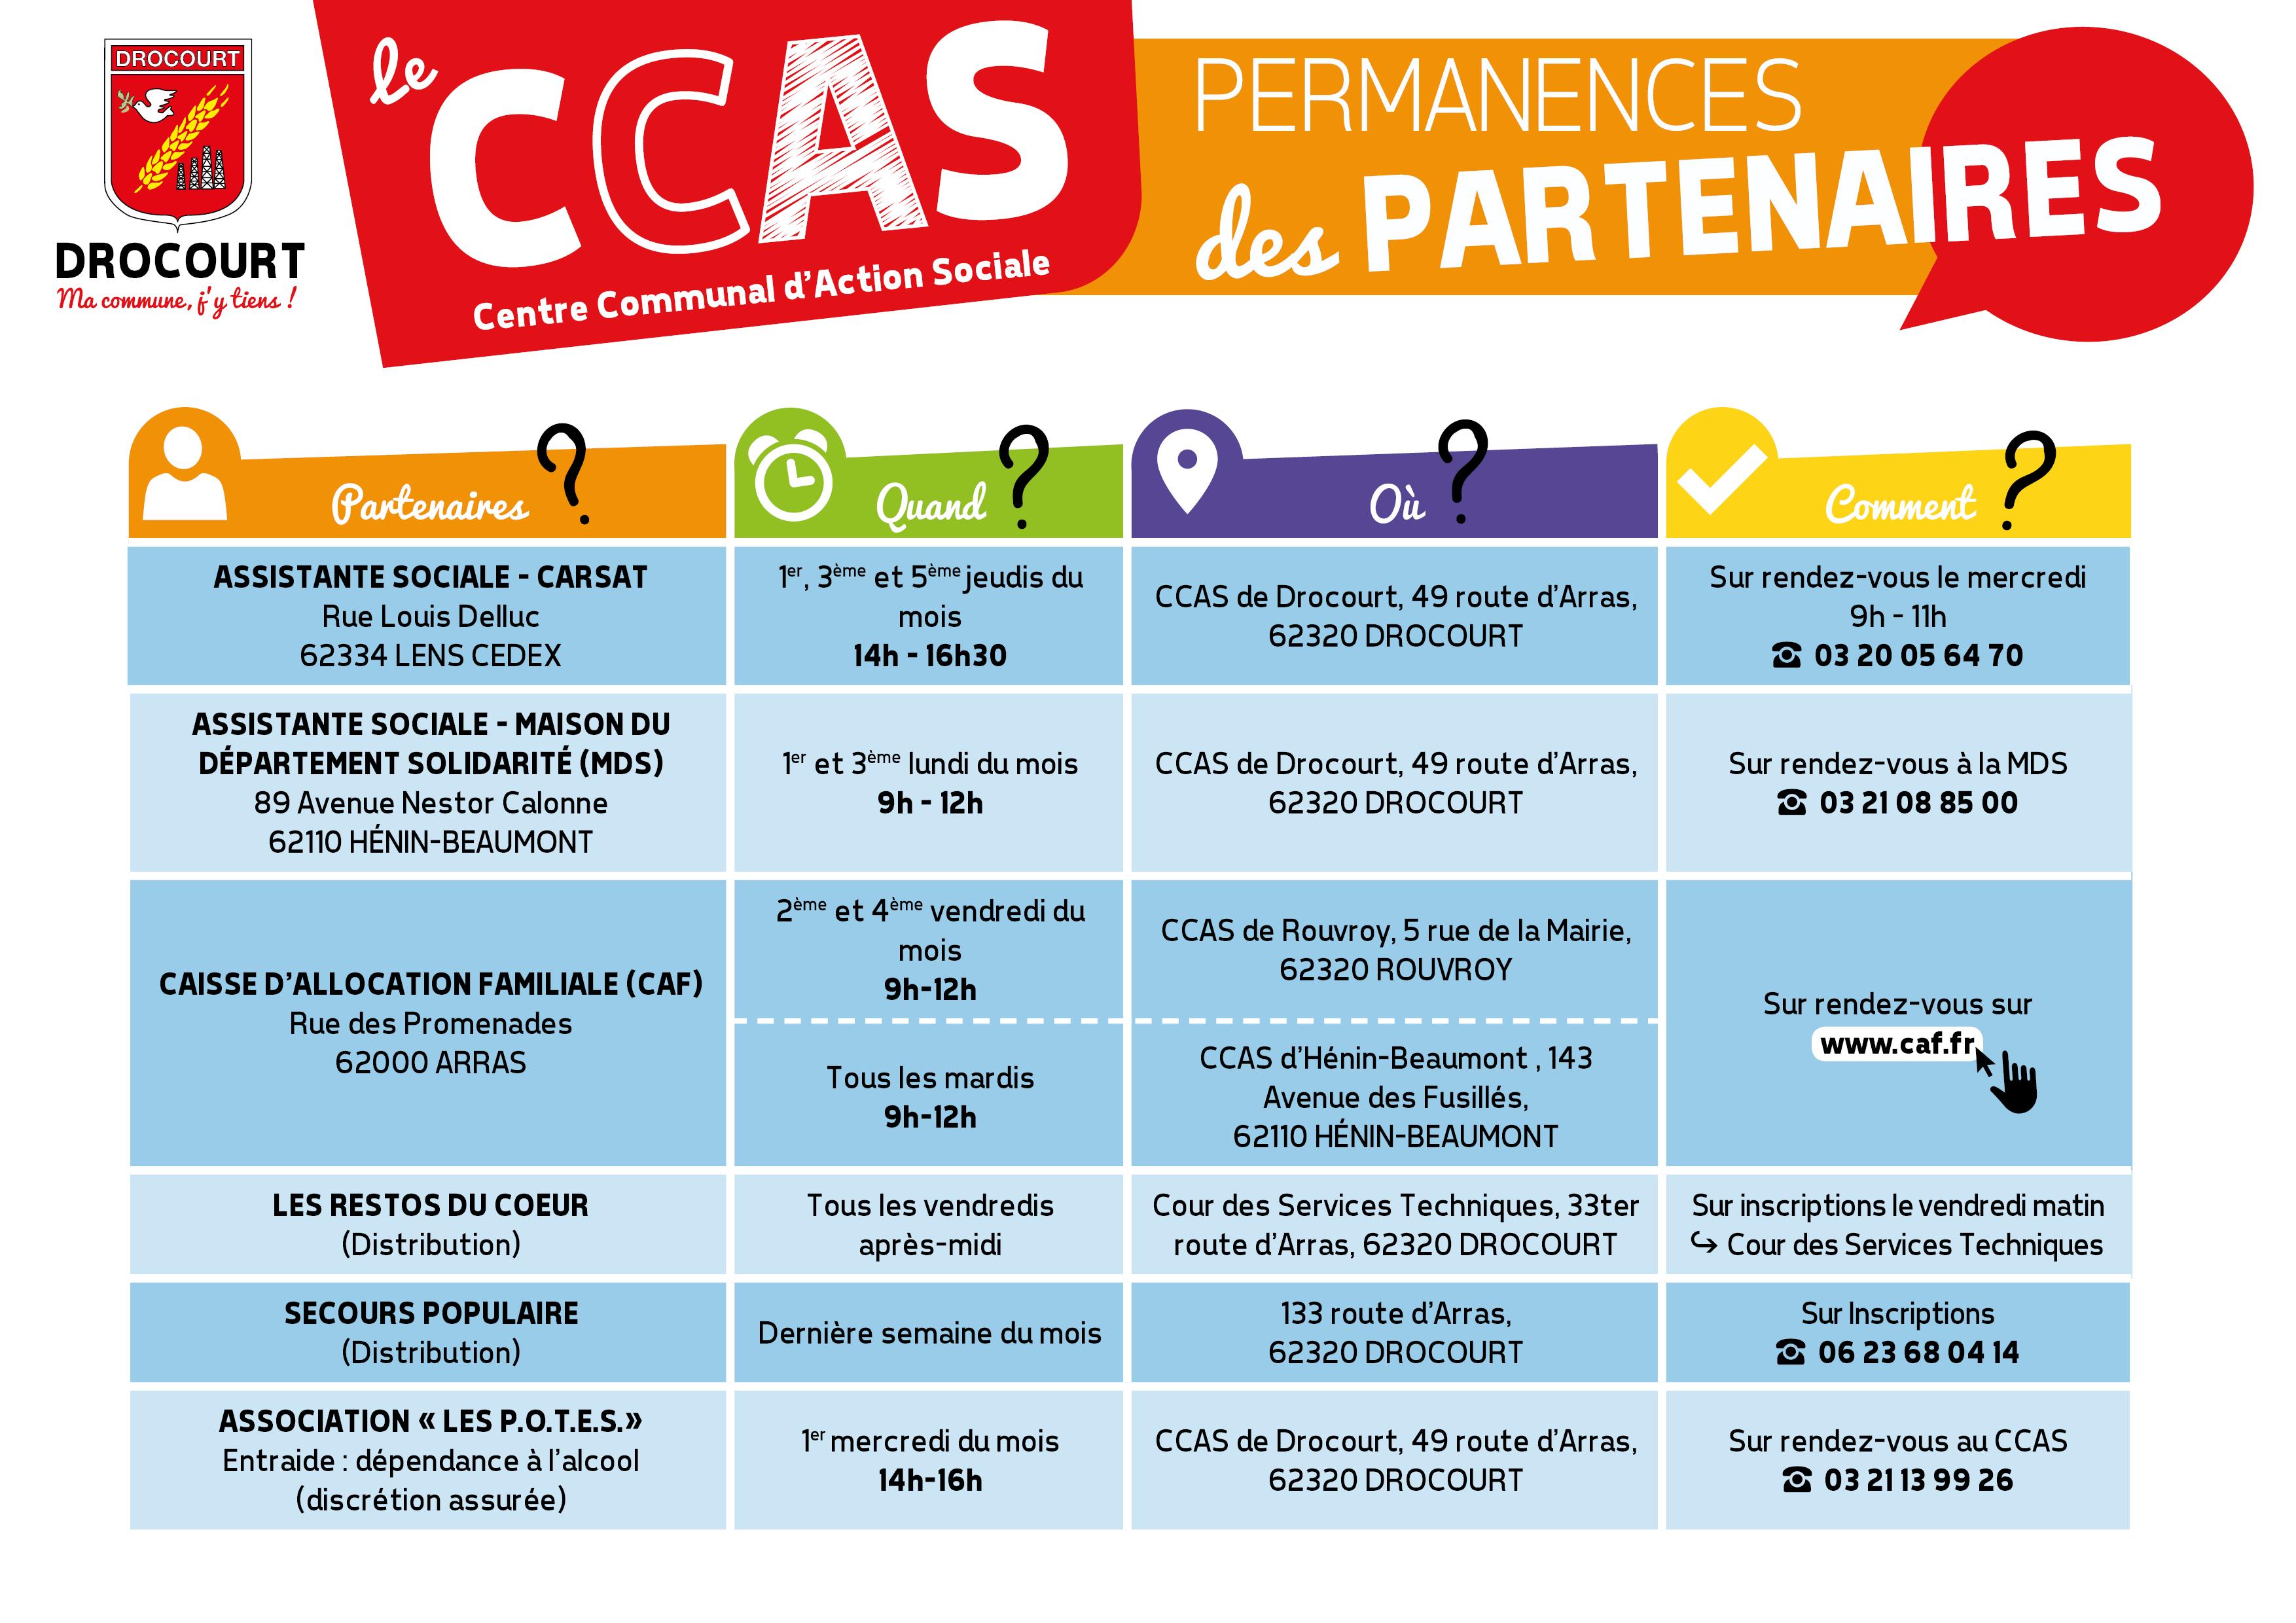 CCAS_permanences.png